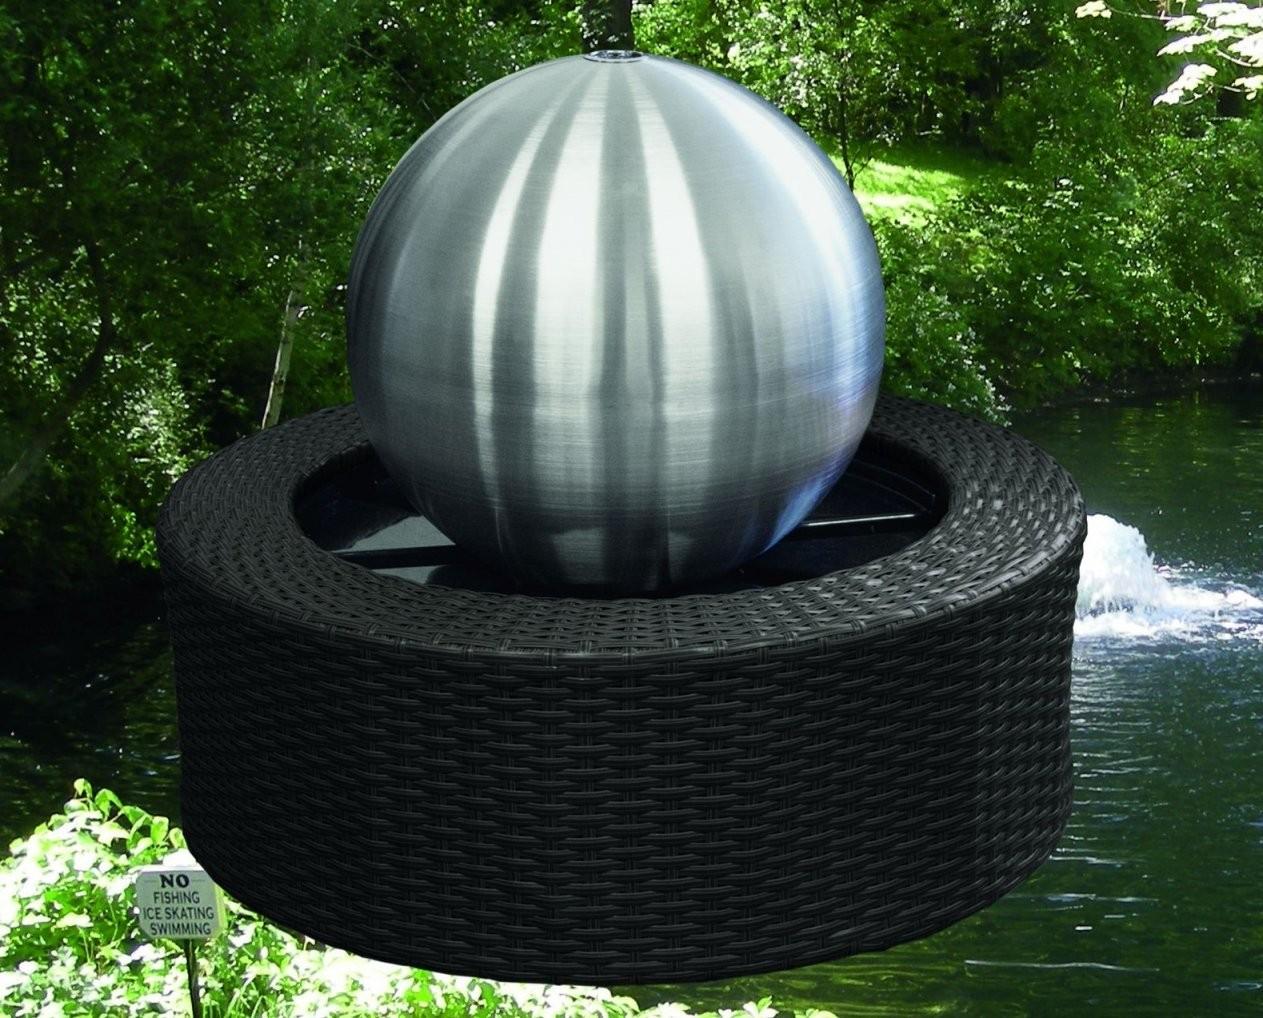 Edelstahl Brunnen Mit Ledbeleuchtung  Callidus Baumarkt von Gartenbrunnen Edelstahl Mit Beleuchtung Bild